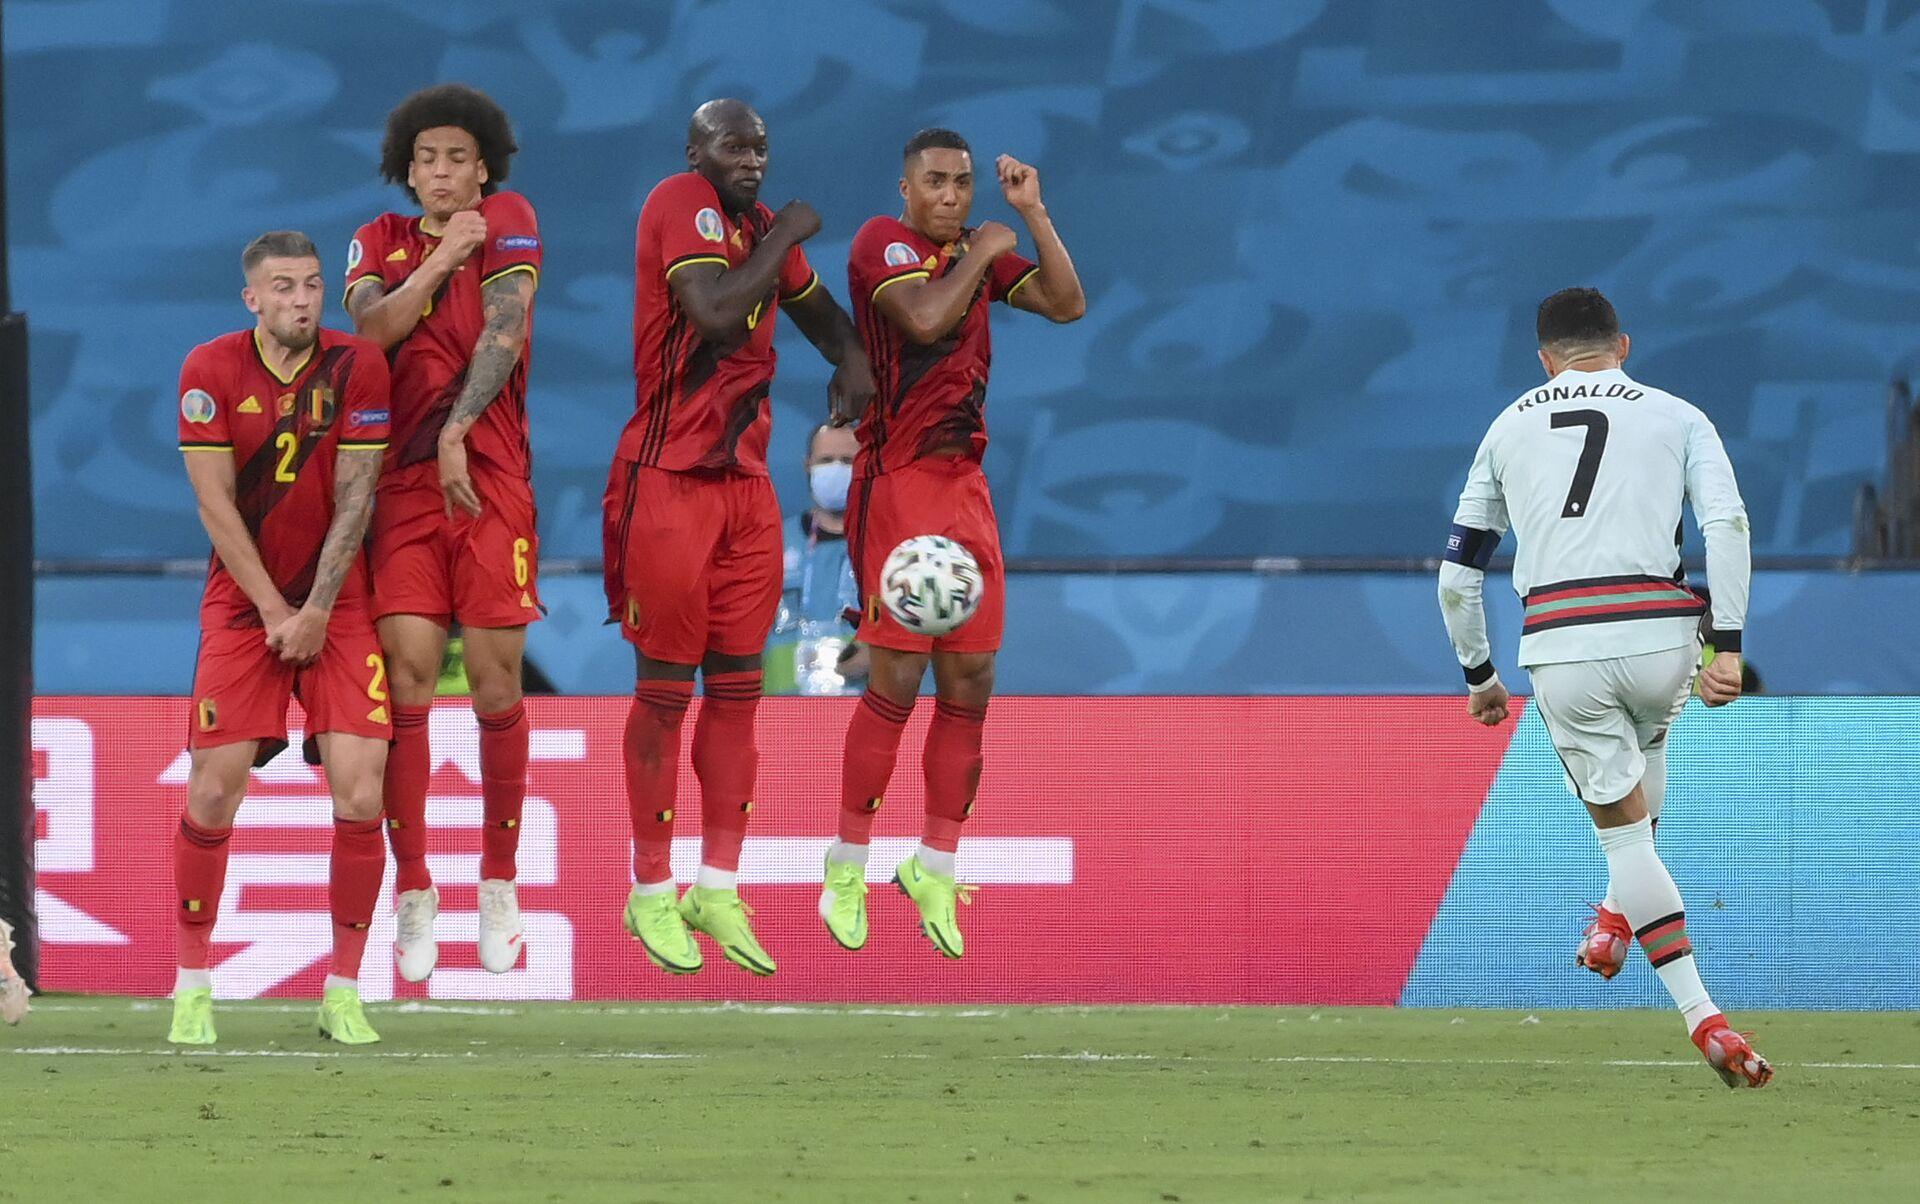 Vòng 1/8 EURO 2020: Đội Bồ Đào Nha thua đội Bỉ  - Sputnik Việt Nam, 1920, 28.06.2021